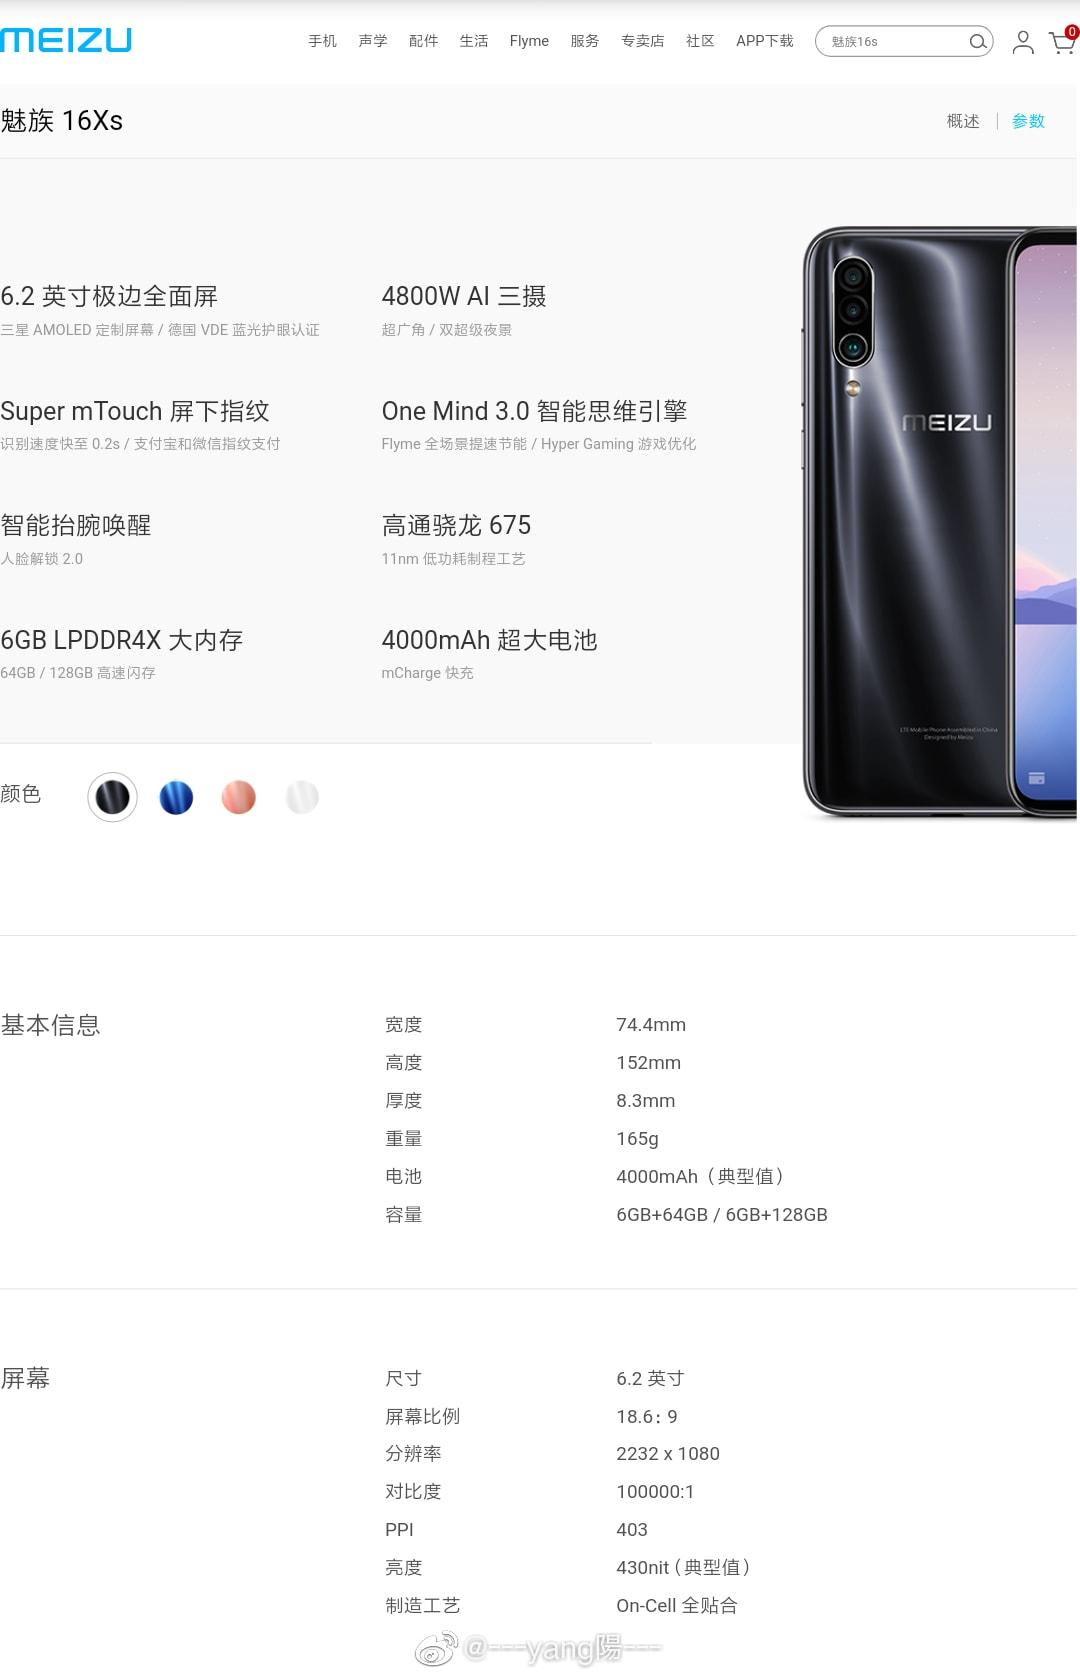 Huawei Nova 5 Pro Key Specifications Leaked